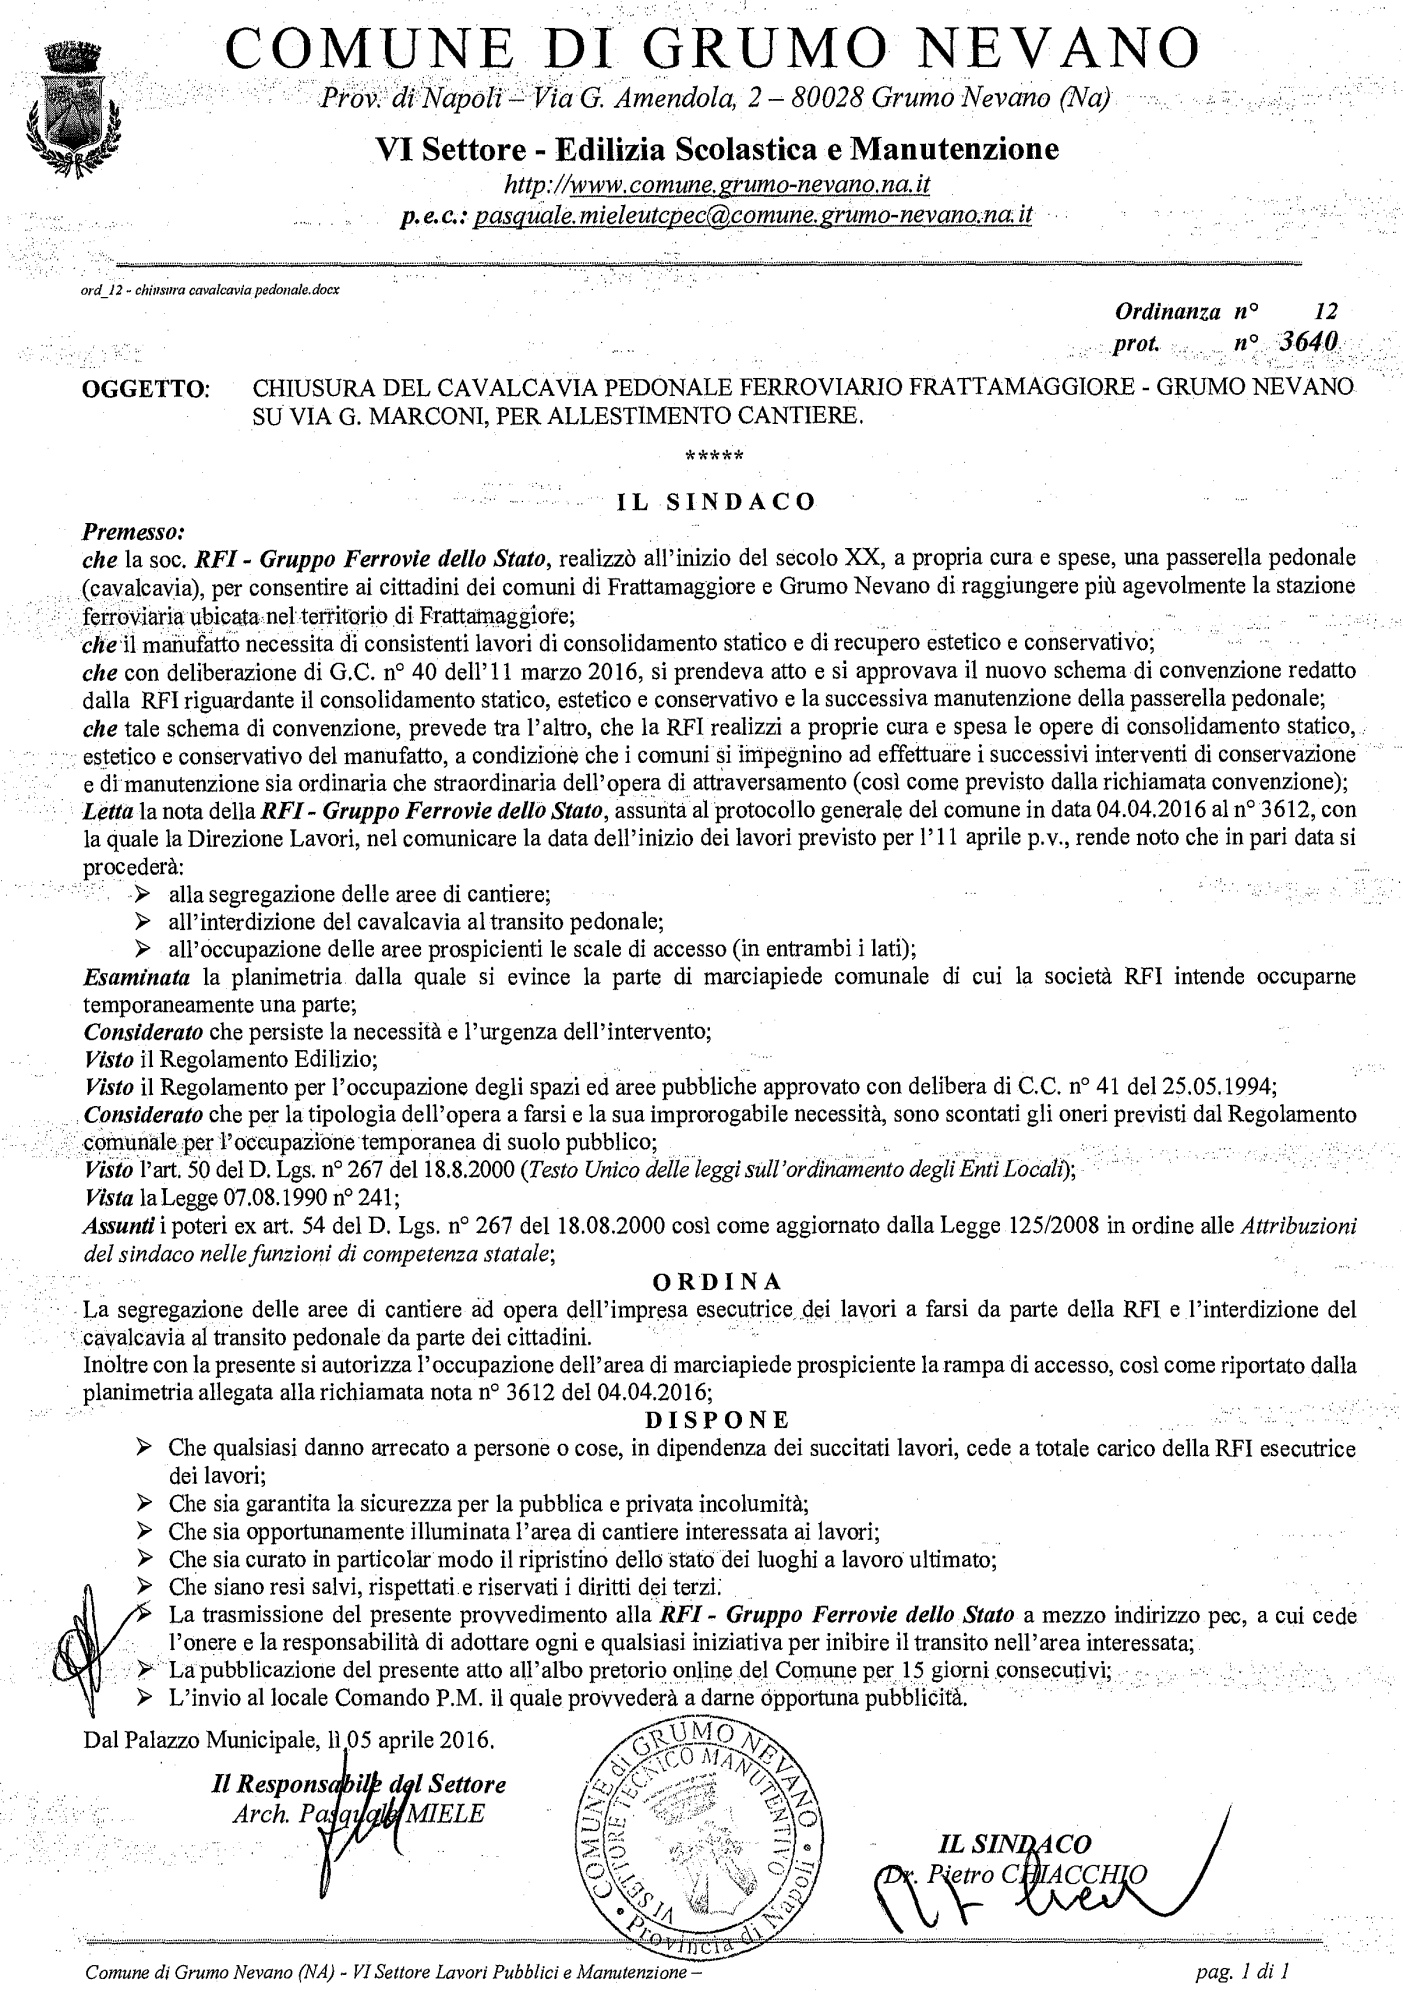 Ordinanza_di_chiusura_cavalcavia_pedonale_ferrovia